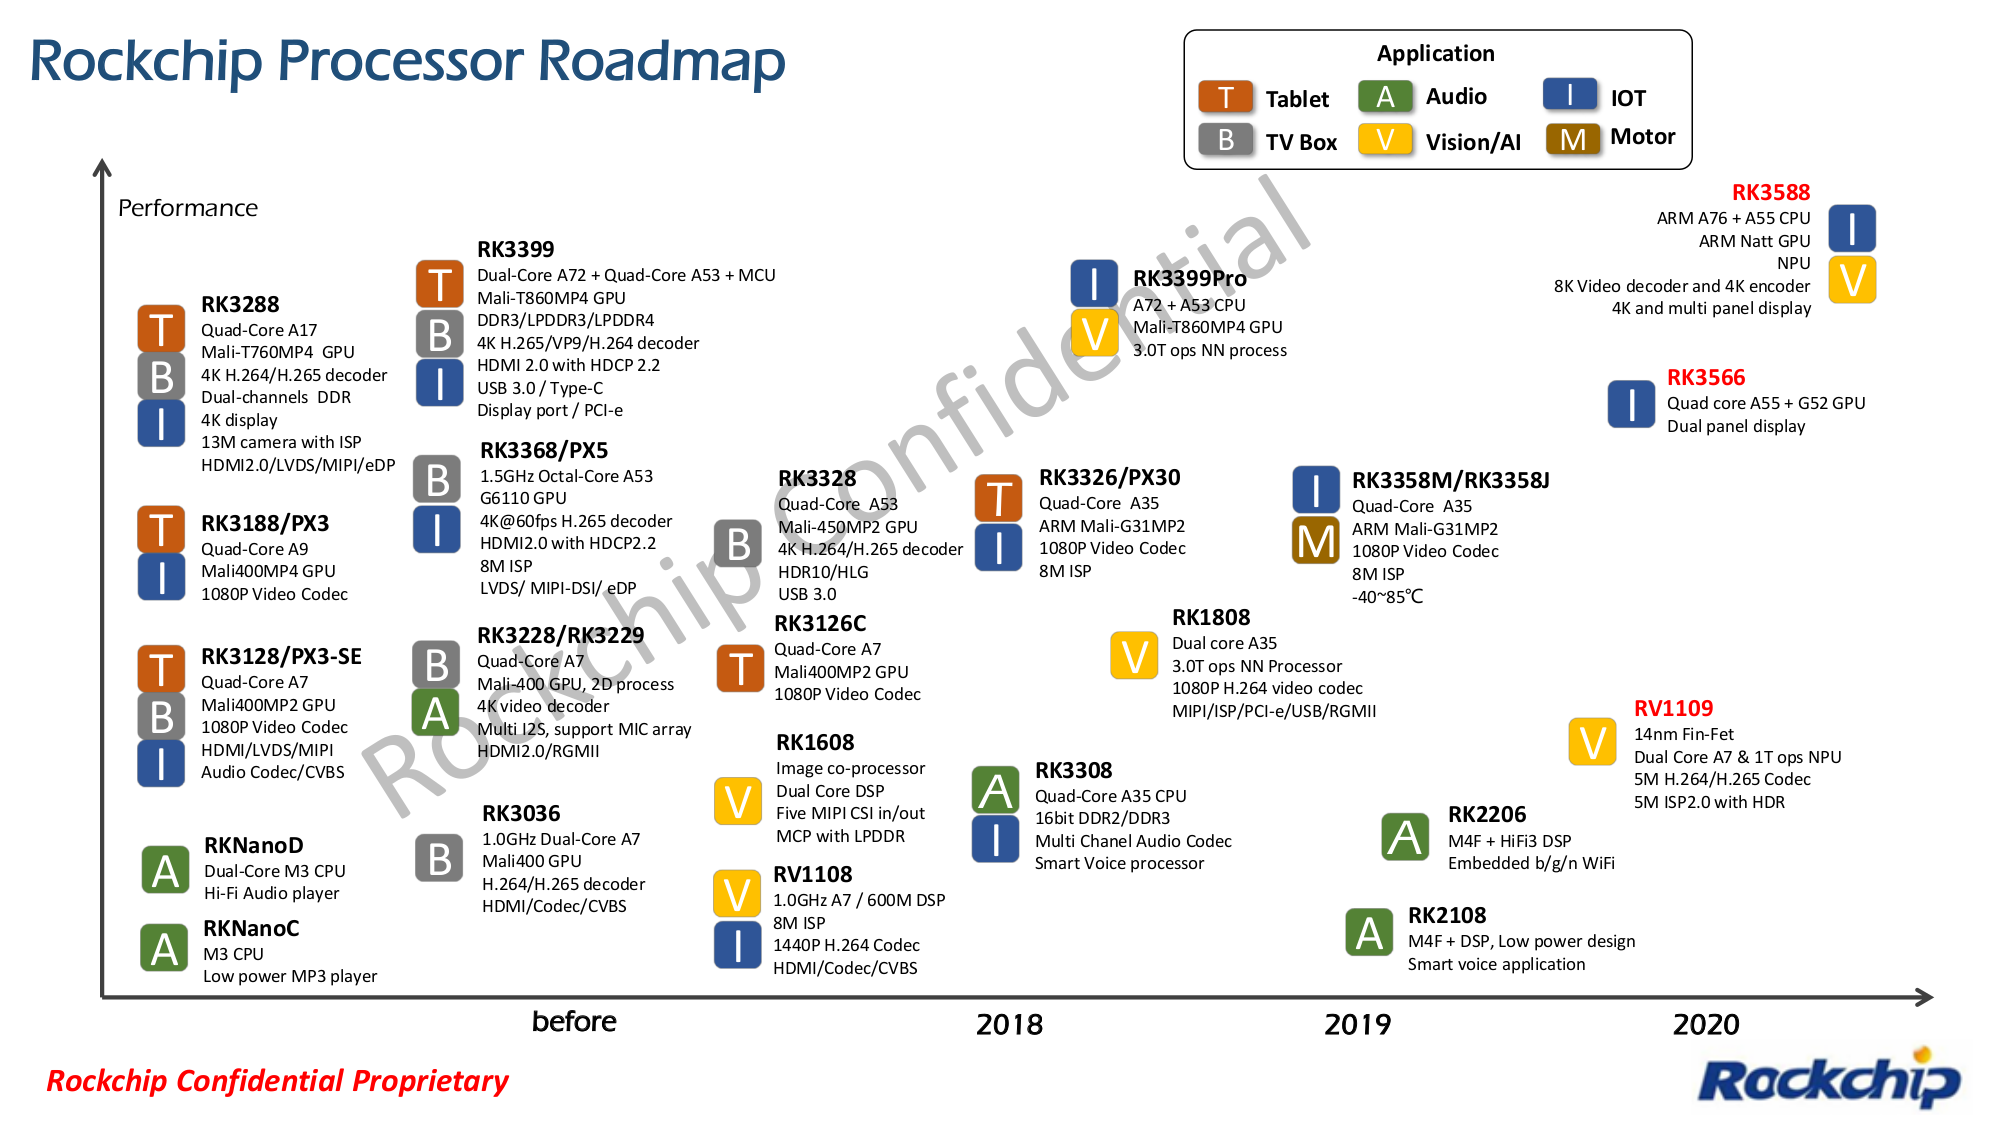 Rockchip Processor Roadmap 2020 - RK3566, RK3588, RV1109